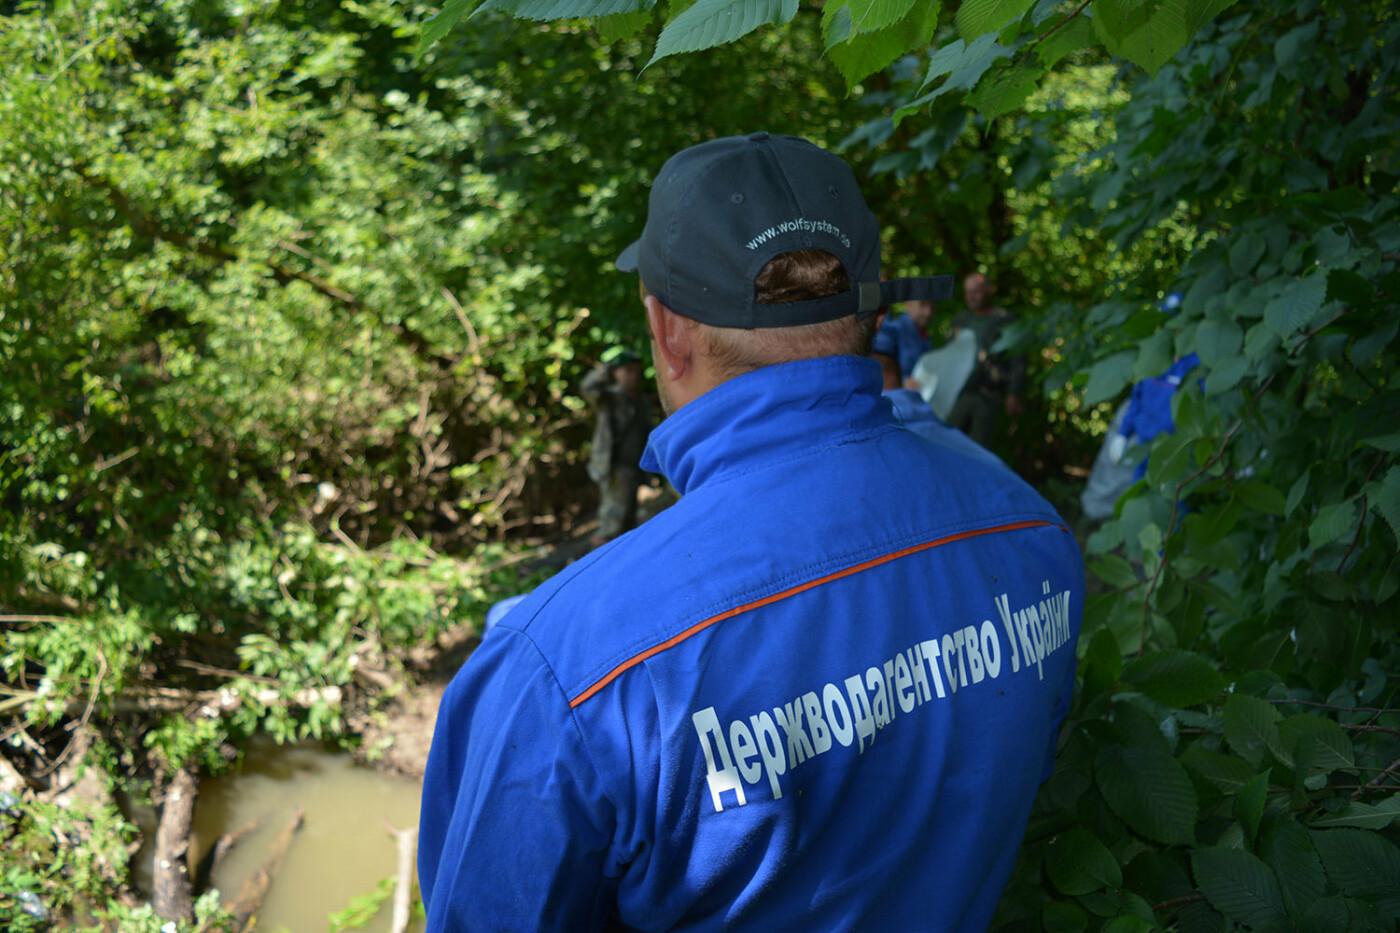 Наслідки паводків: на Закарпатті рятувальники розчищають річку Латорицю від сміттєвих заторів, фото-3